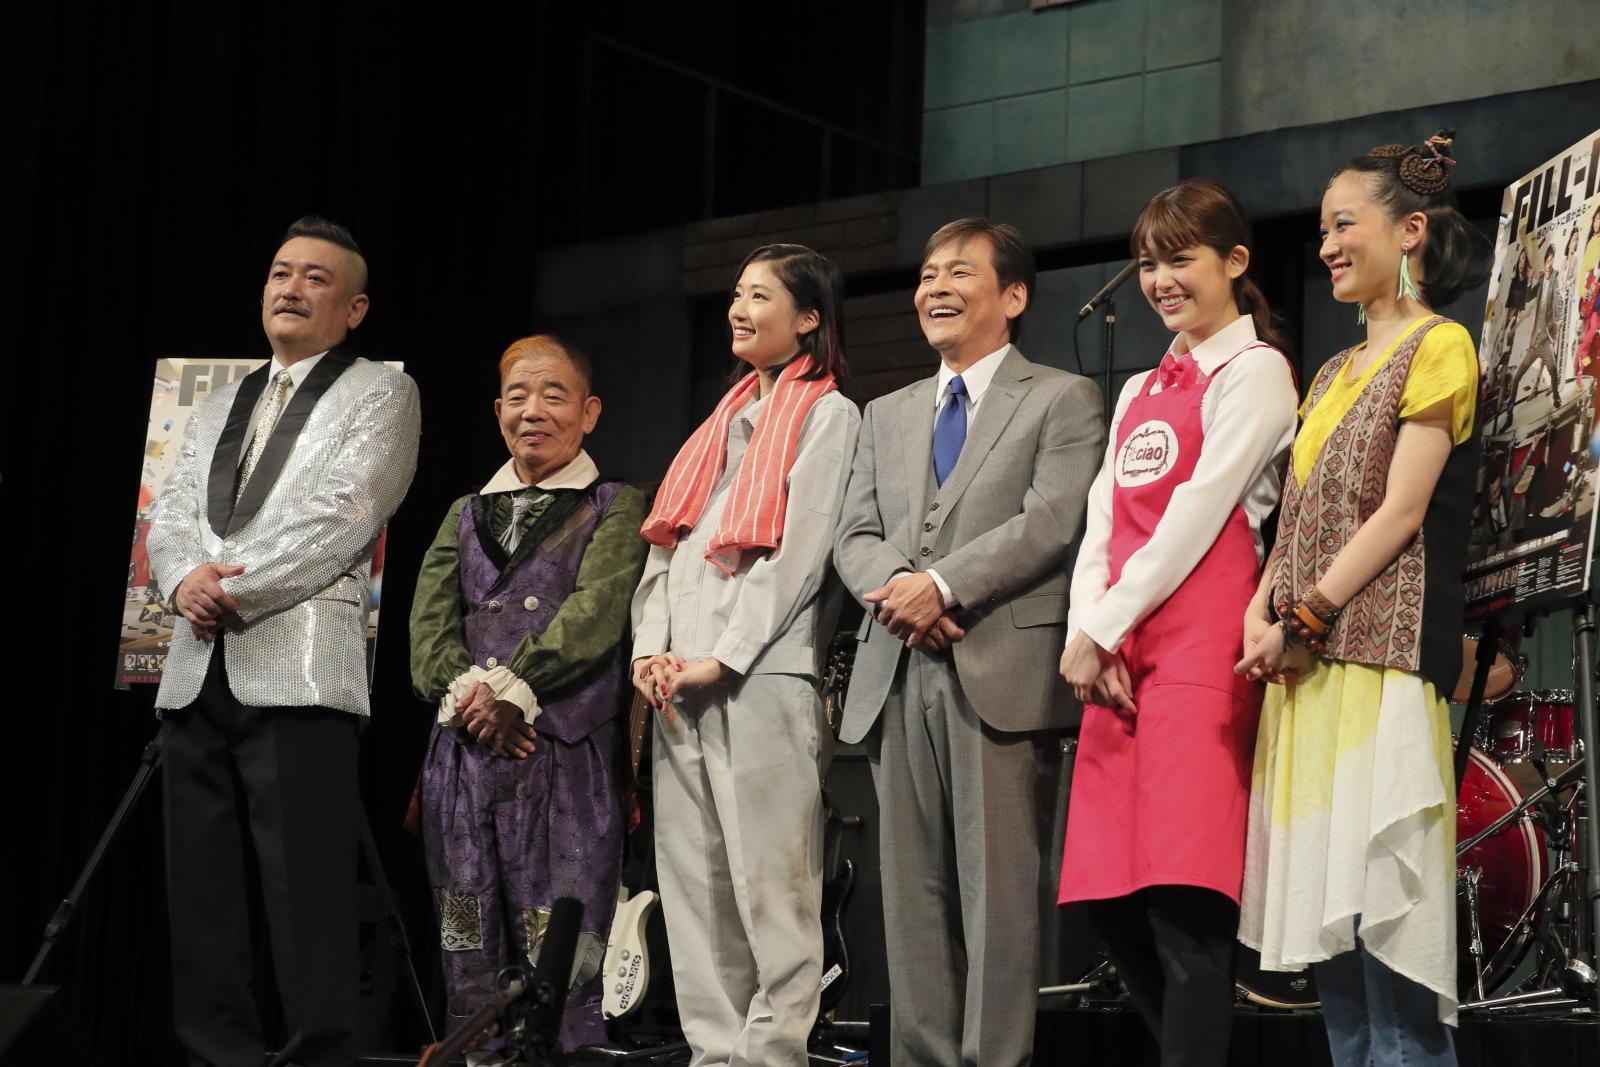 http://news.yoshimoto.co.jp/20170714145907-ae3d1f43bcbb5df503051f9430825a04ecd2db45.jpg